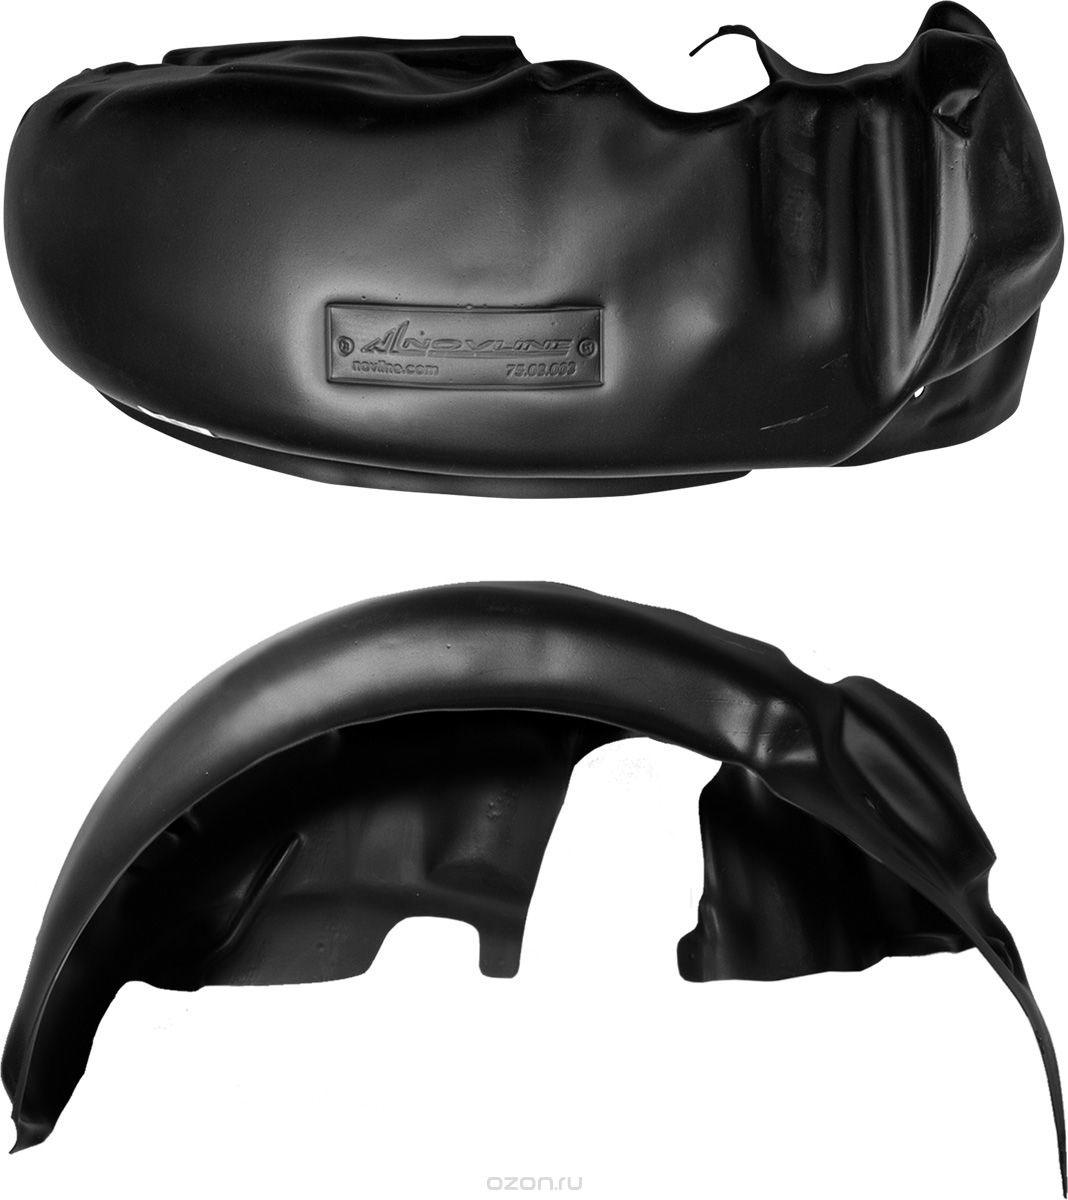 Подкрылок Novline-Autofamily, для MITSUBISHI Outlander, 2015->, задний левыйDAVC150Идеальная защита колесной ниши. Локеры разработаны с применением цифровых технологий, гарантируют максимальную повторяемость поверхности арки. Изделия устанавливаются без нарушения лакокрасочного покрытия автомобиля, каждый подкрылок комплектуется крепежом. Уважаемые клиенты, обращаем ваше внимание, что фотографии на подкрылки универсальные и не отражают реальную форму изделия. При этом само изделие идет точно под размер указанного автомобиля.